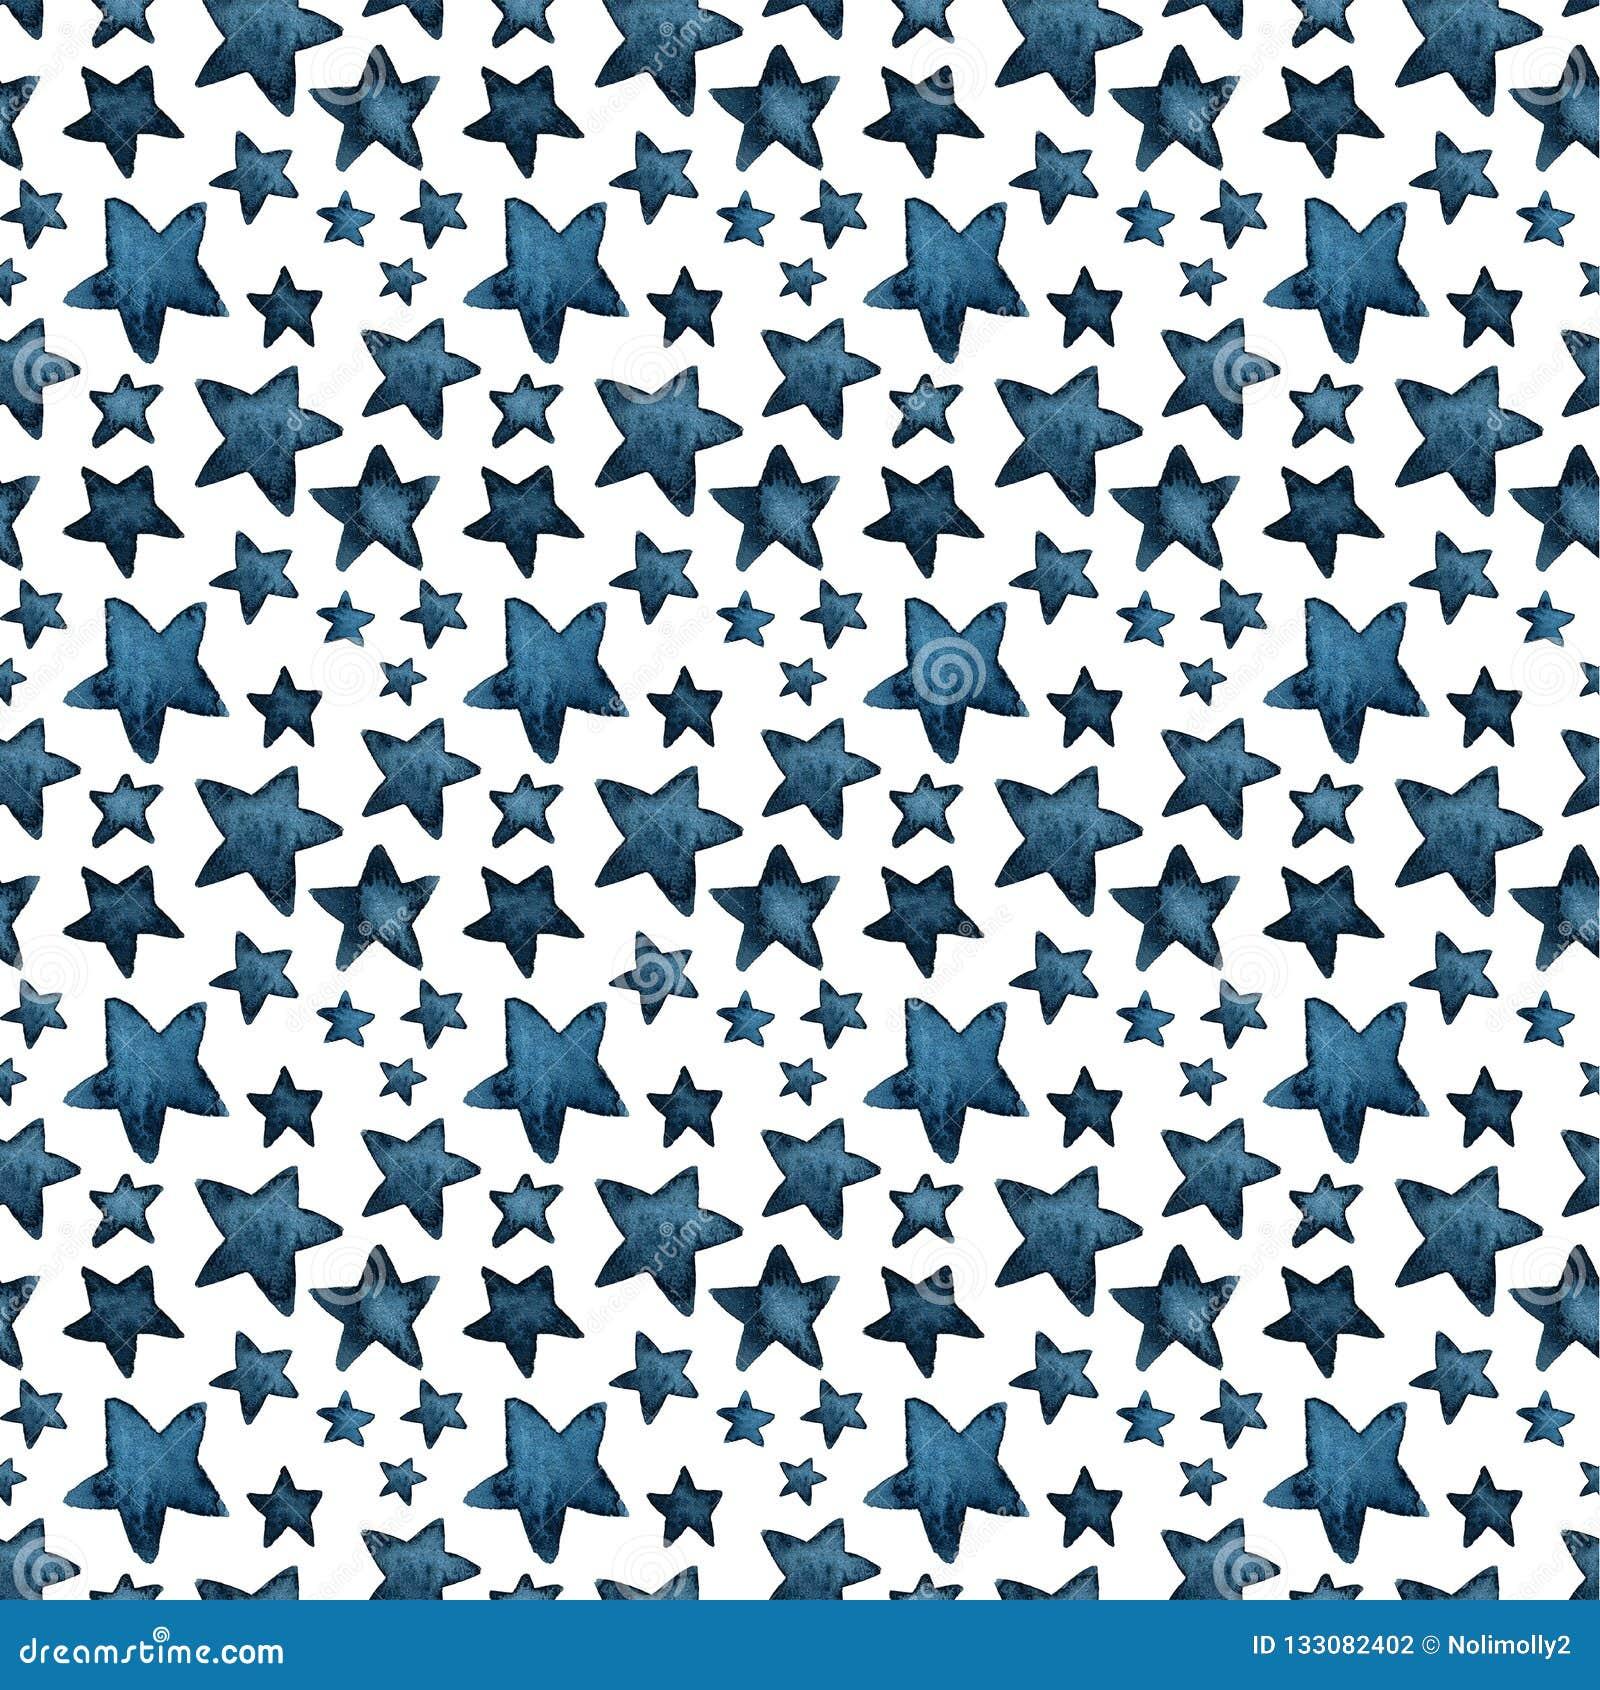 Милые большие и небольшие голубые звезды, салют звезд Картина